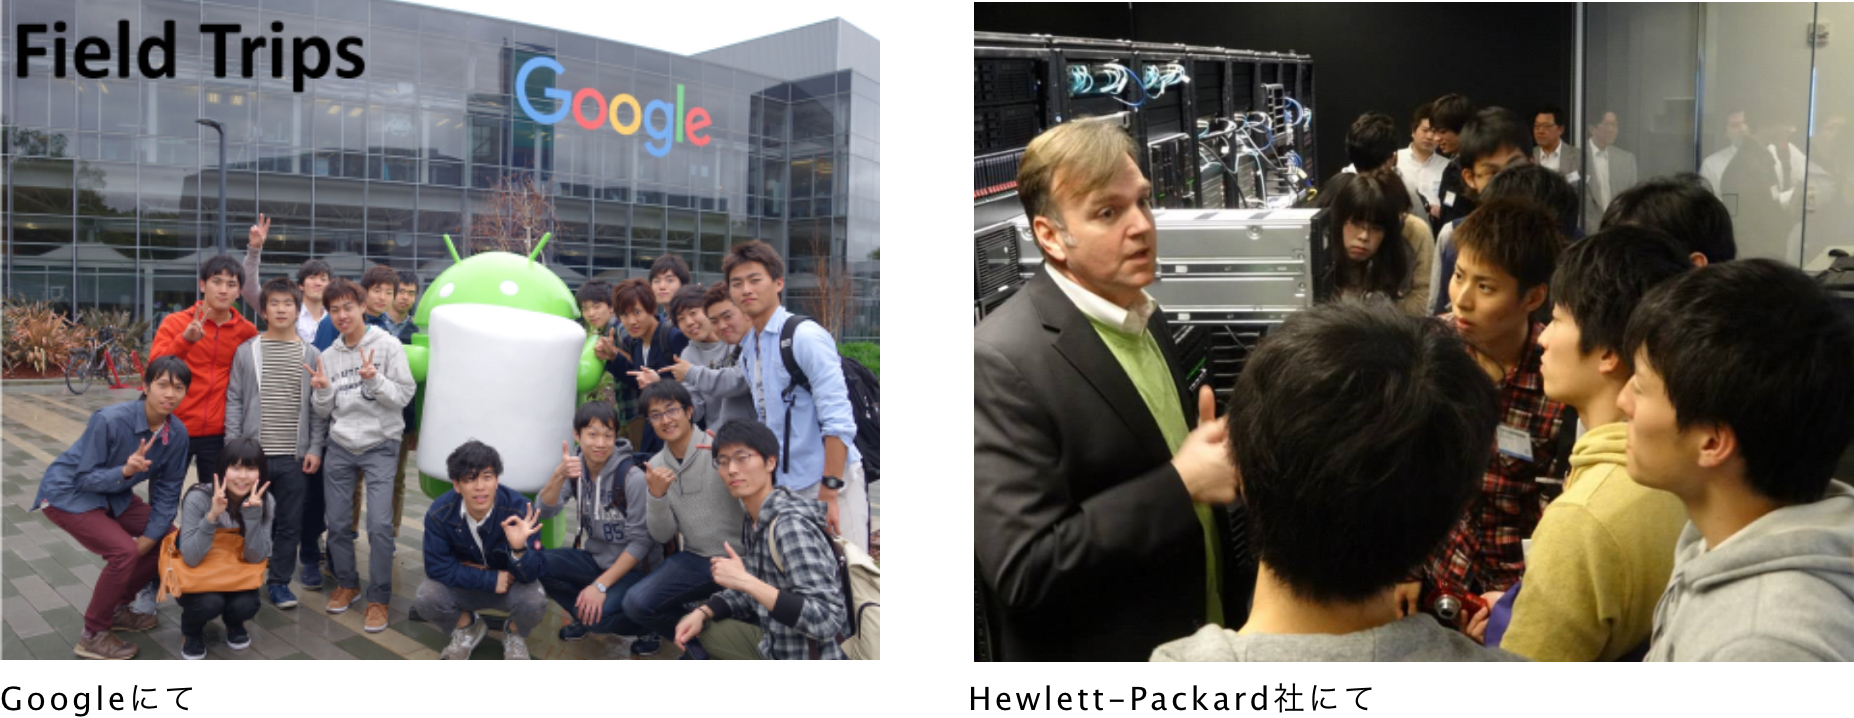 Google・Hewlett-Packard